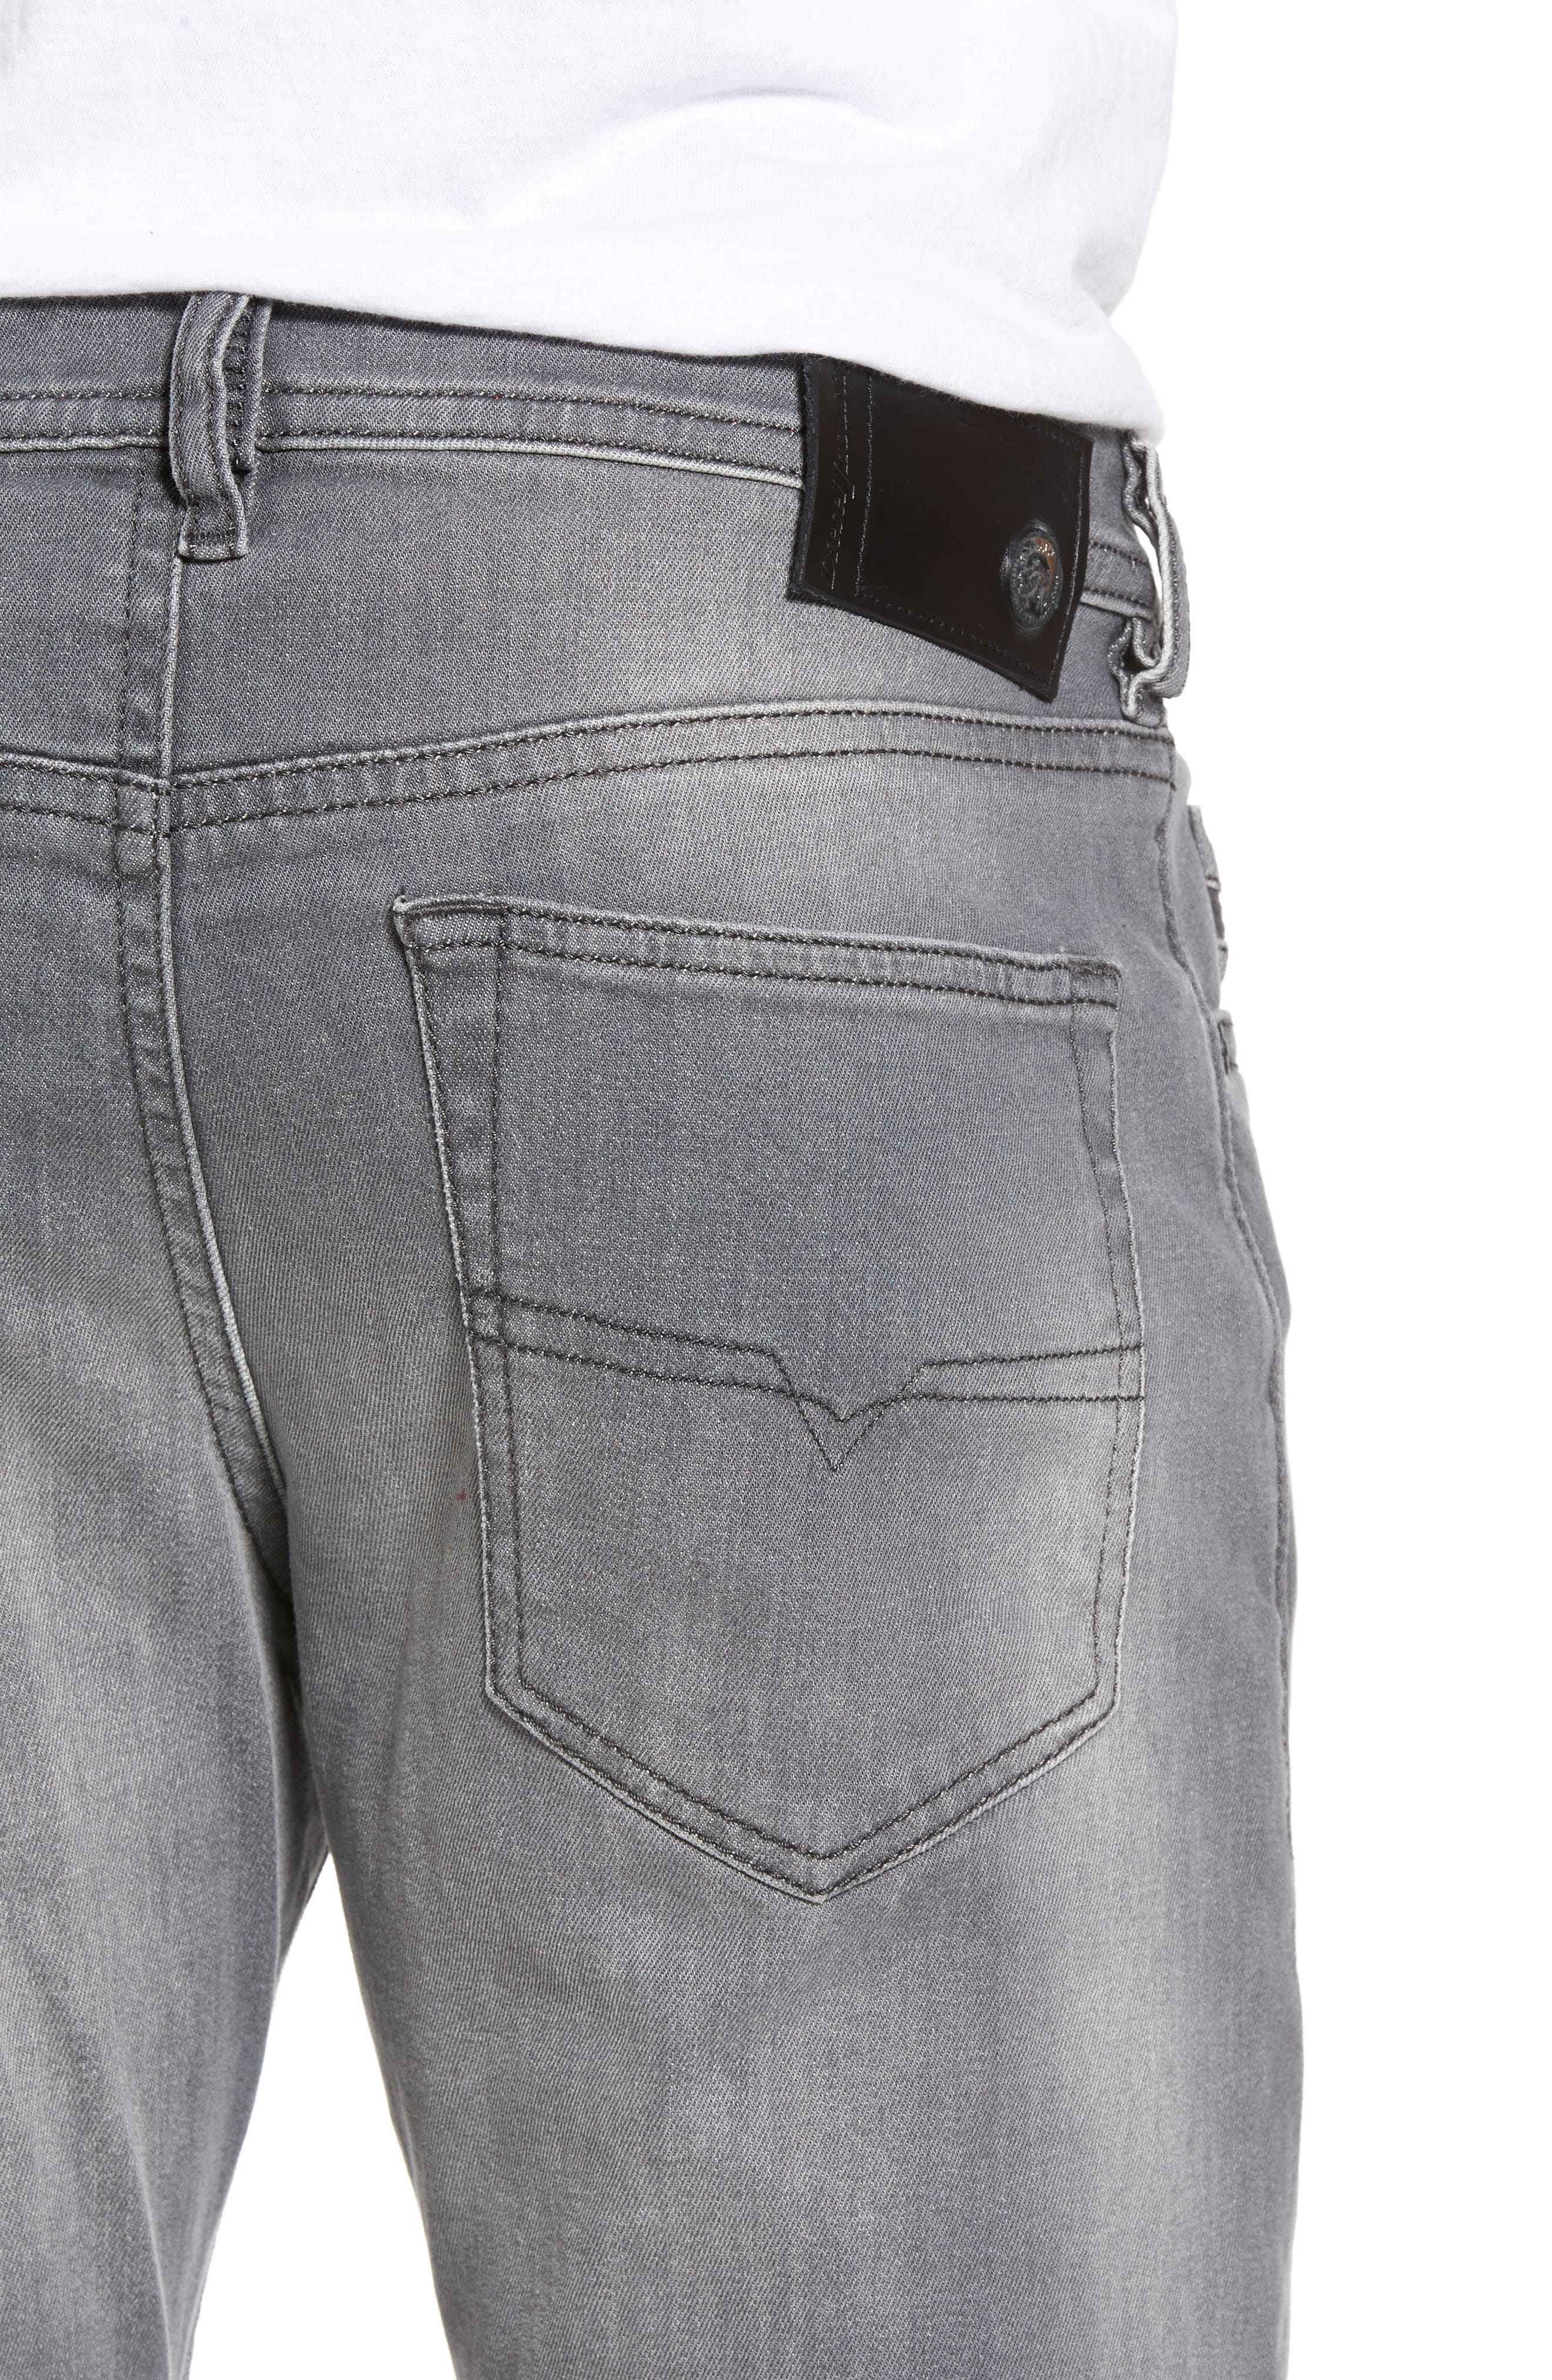 Buster Slim Straight Leg Jeans,                             Alternate thumbnail 4, color,                             020